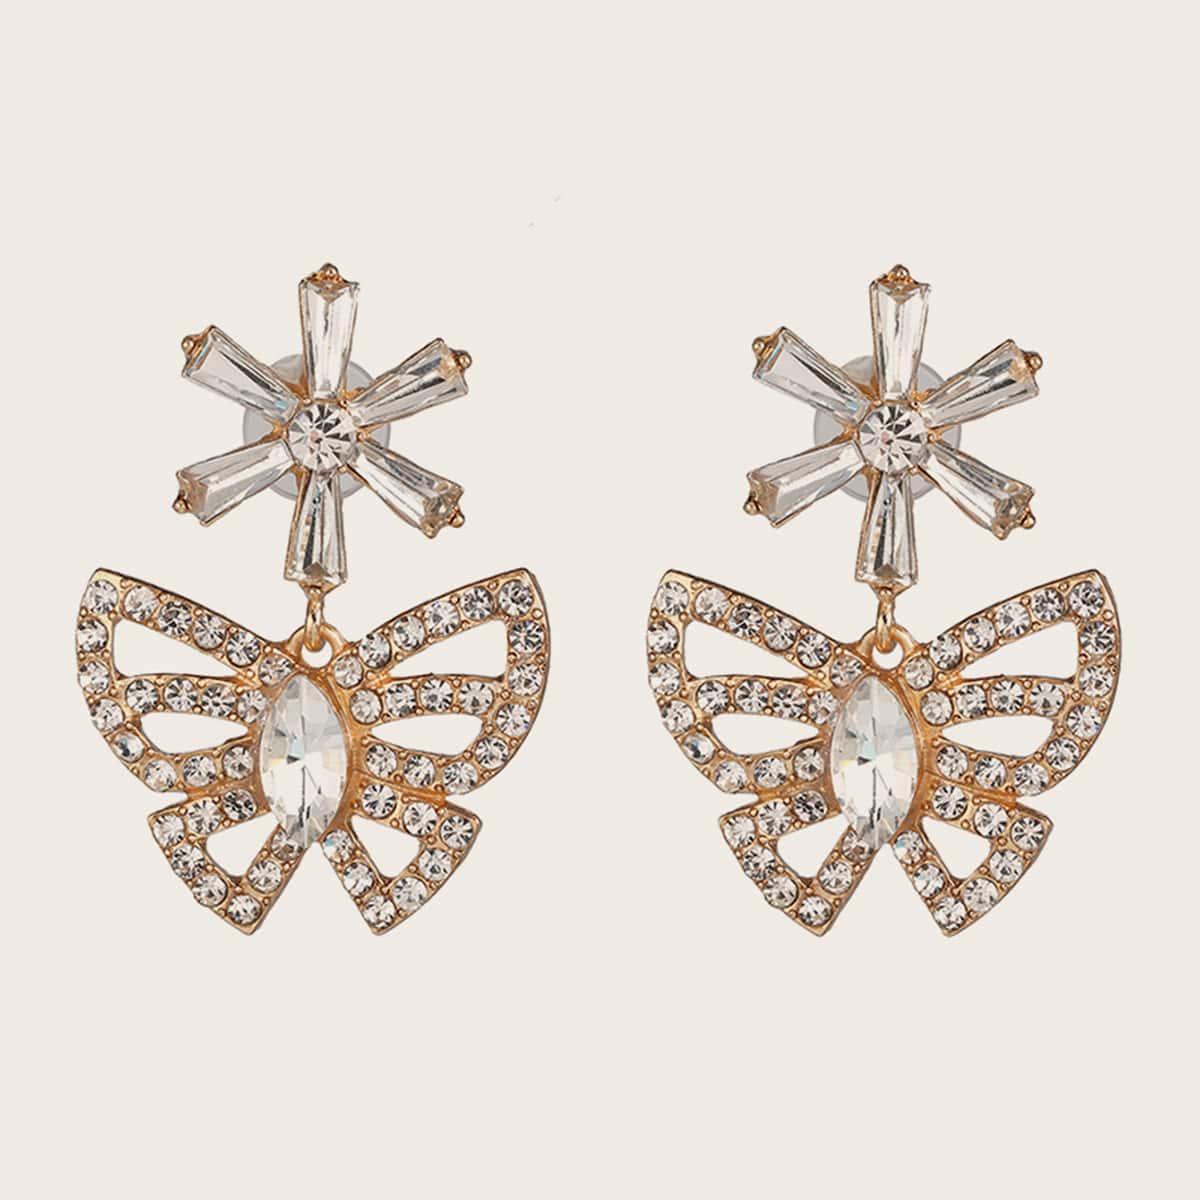 1pair Rhinestone Decor Butterfly Drop Earrings